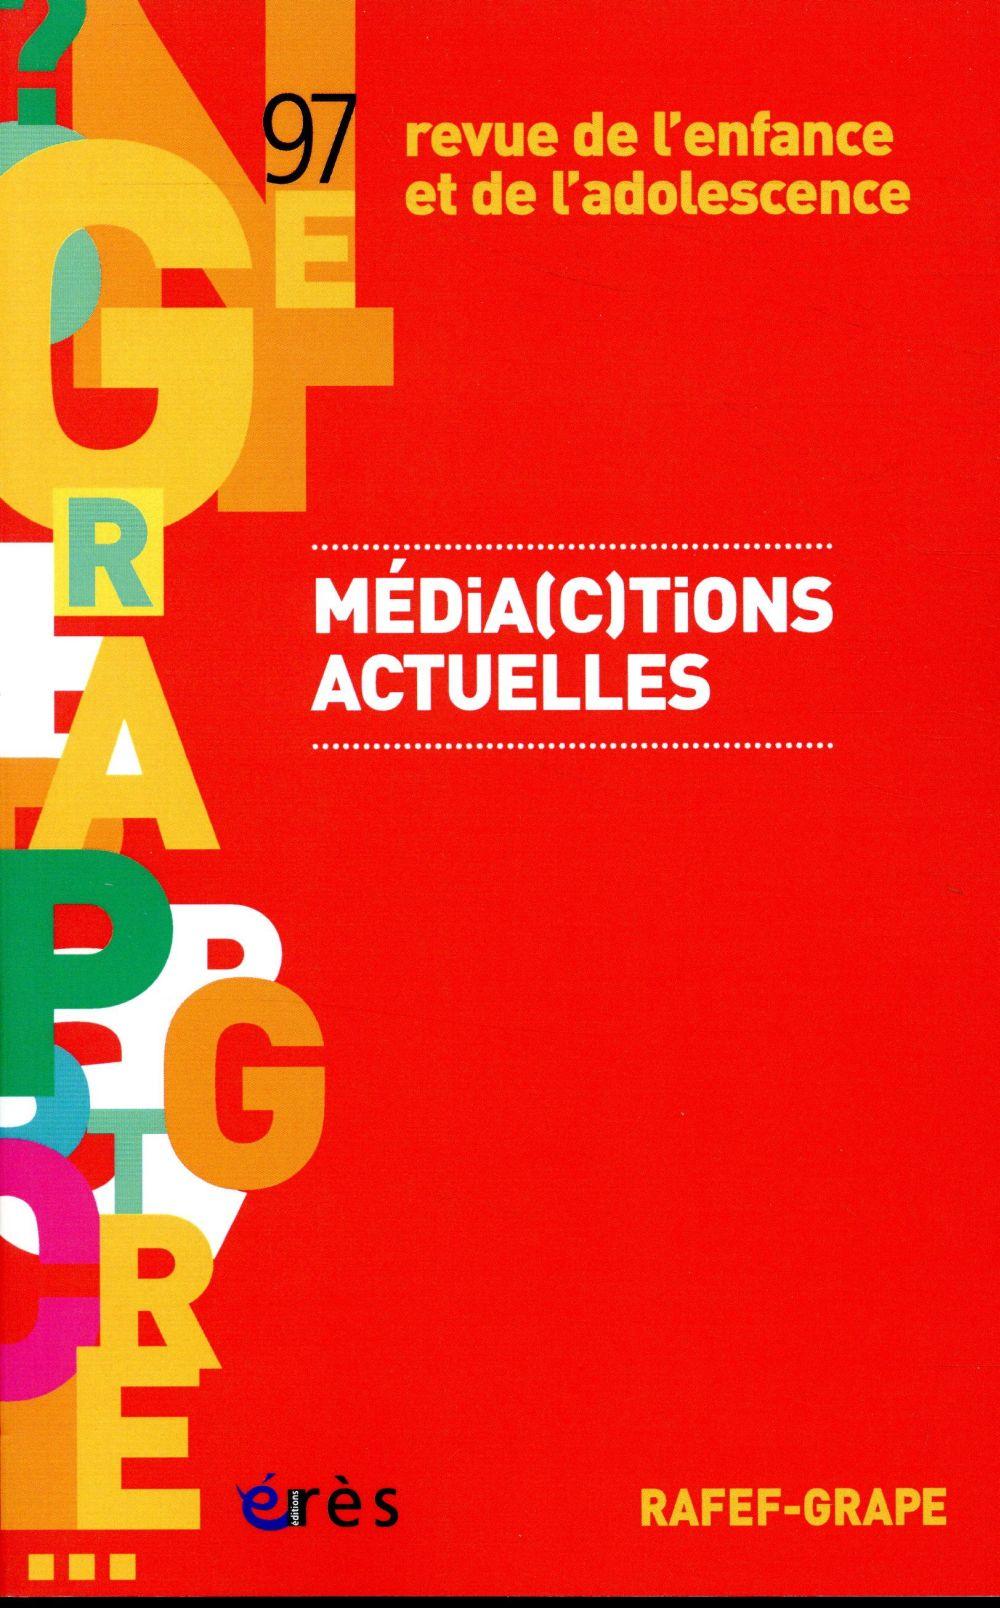 RAFEF-GRAPE 097- MEDIA(C)TIONS ACTUELLES